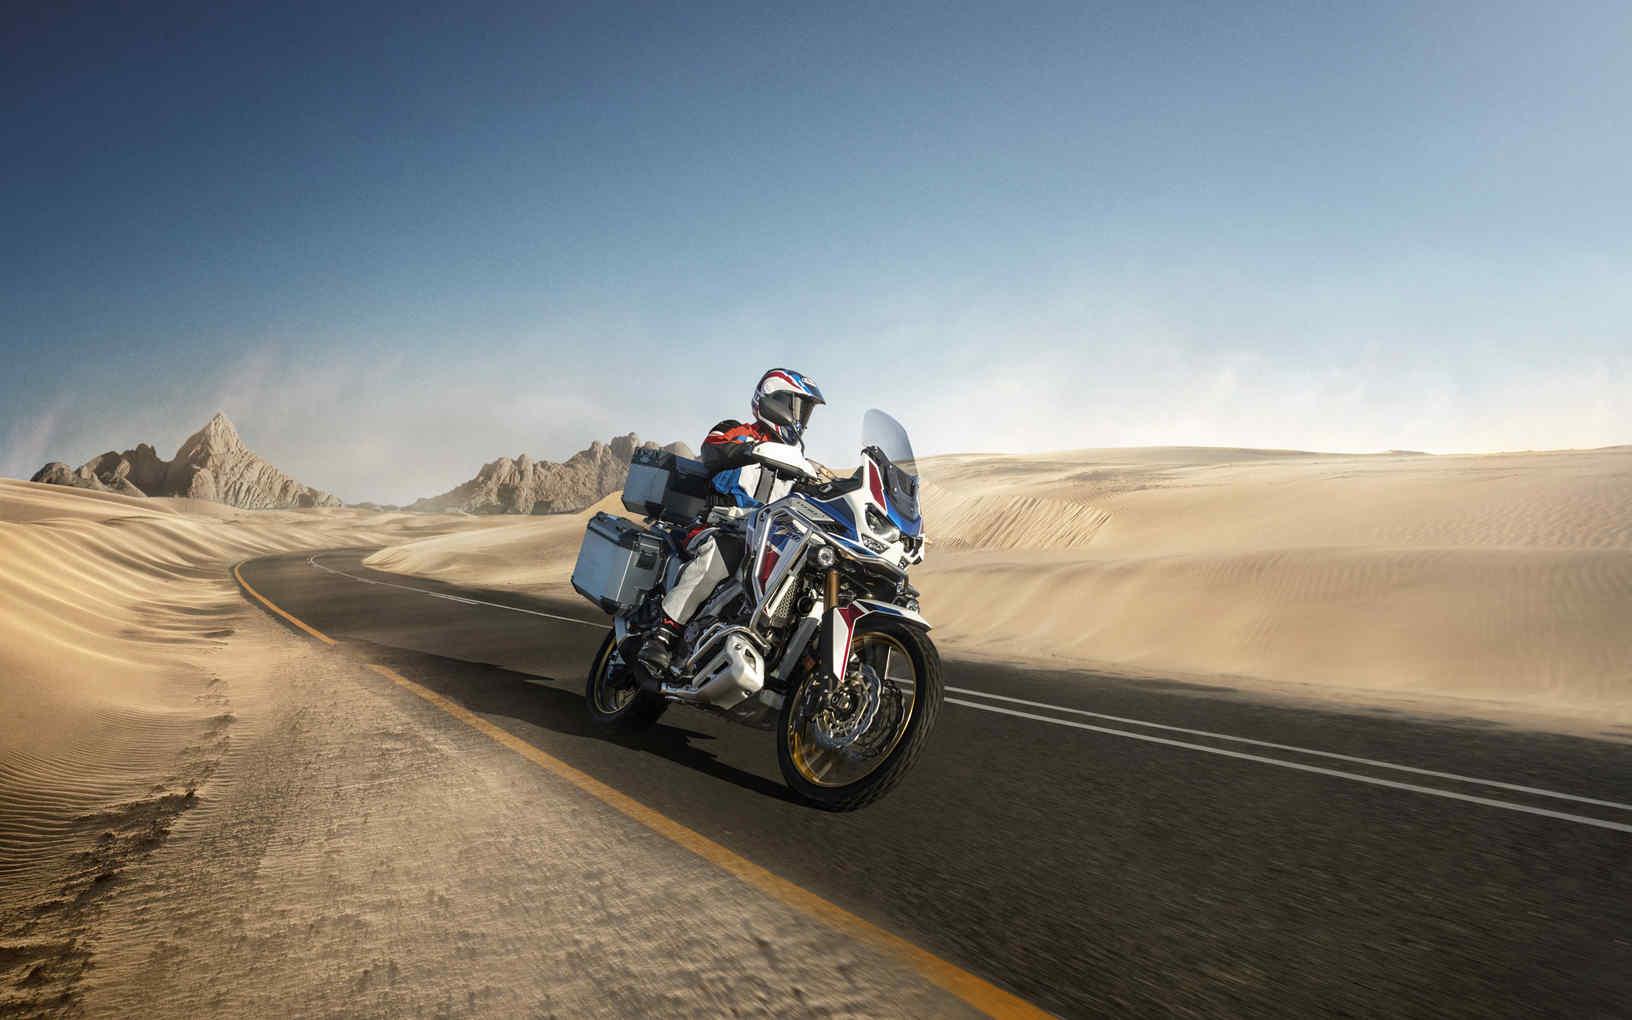 Honda Africa Twin Adventure Sports, přední pravý poloprofil, jízda po silnici pouštní krajinou